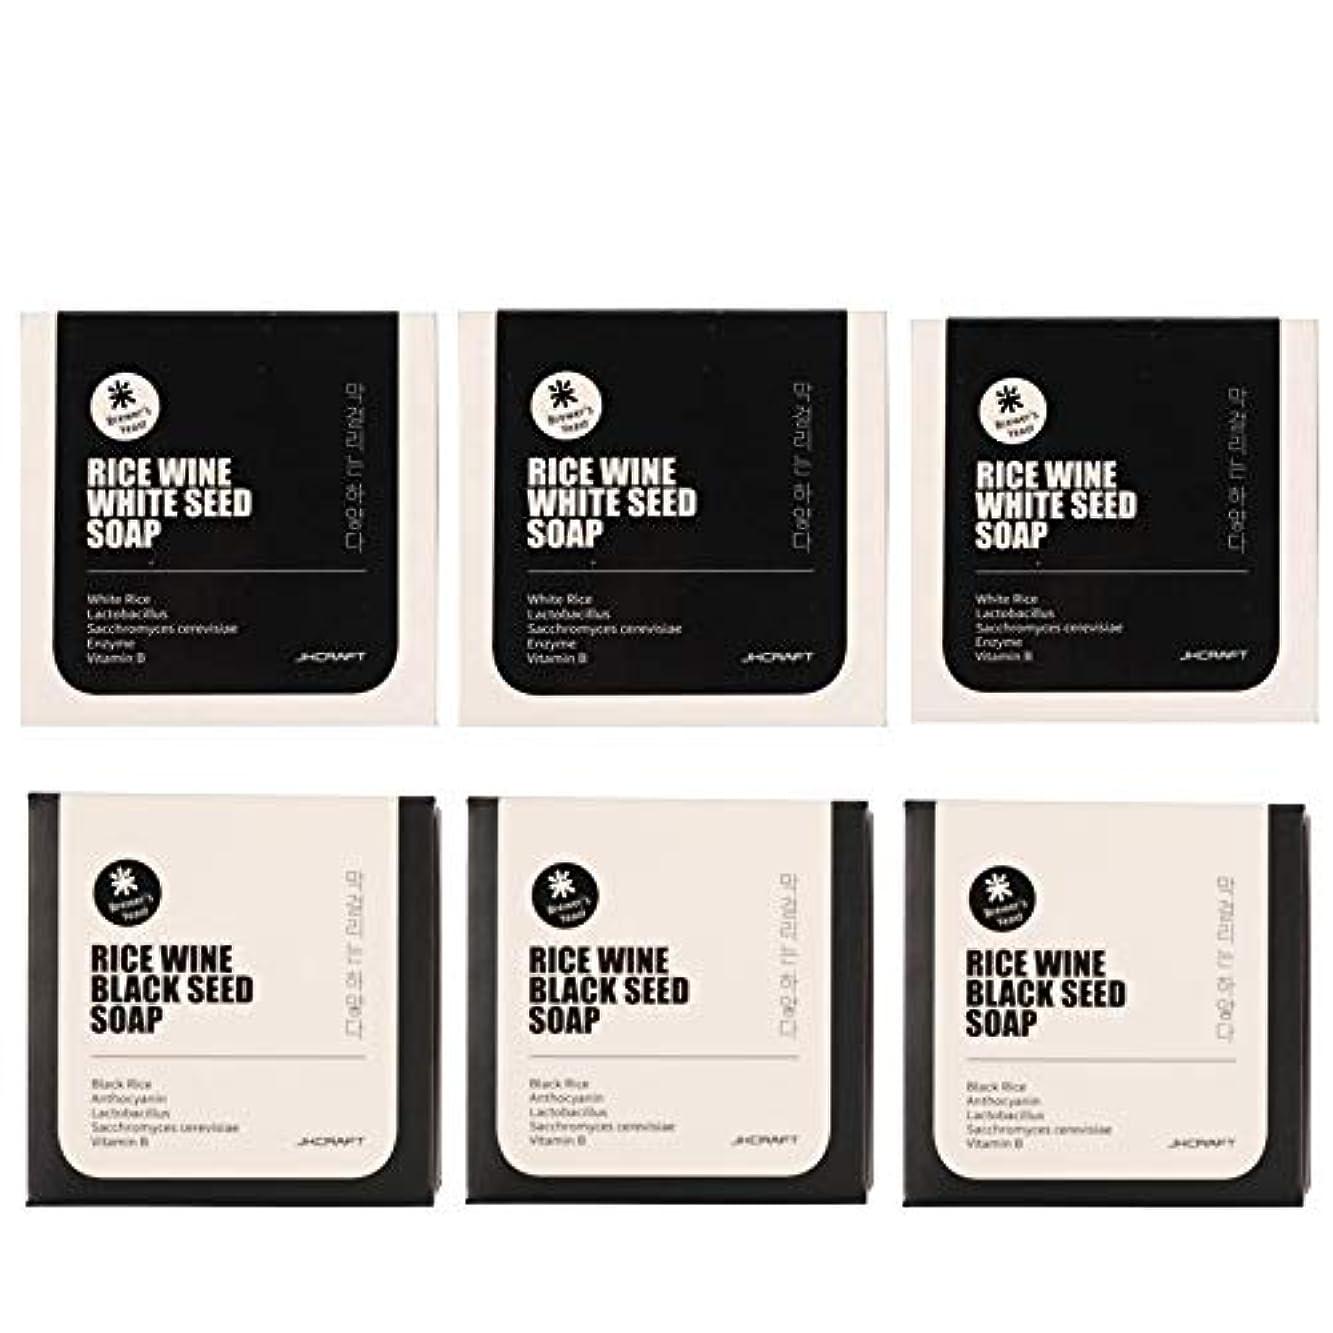 靴下ピンポイントフリッパーJKCRAFT RICEWINE WHITE&BLACK SEED SOAP マッコリ酵母石鹸 & 黒米マッコリ酵母石鹸無添加,無刺激,天然洗顔石鹸 6pcs [並行輸入品]